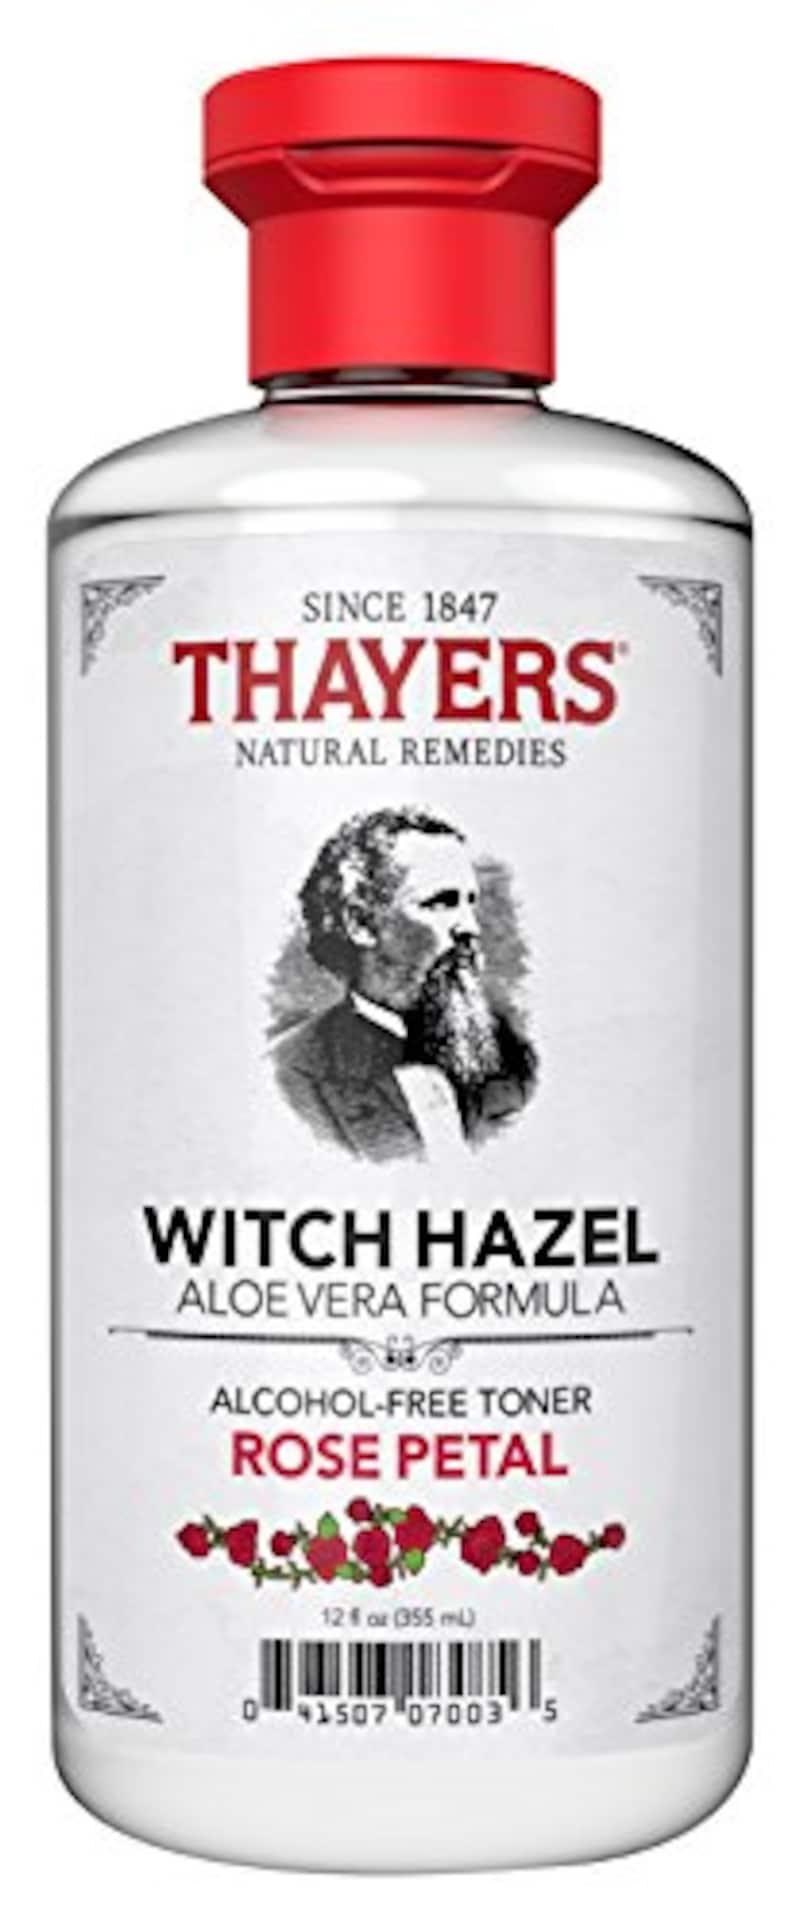 THAYERS(セイヤーズ),ローズペタル ウィッチヘーゼル アルコールフリー化粧水